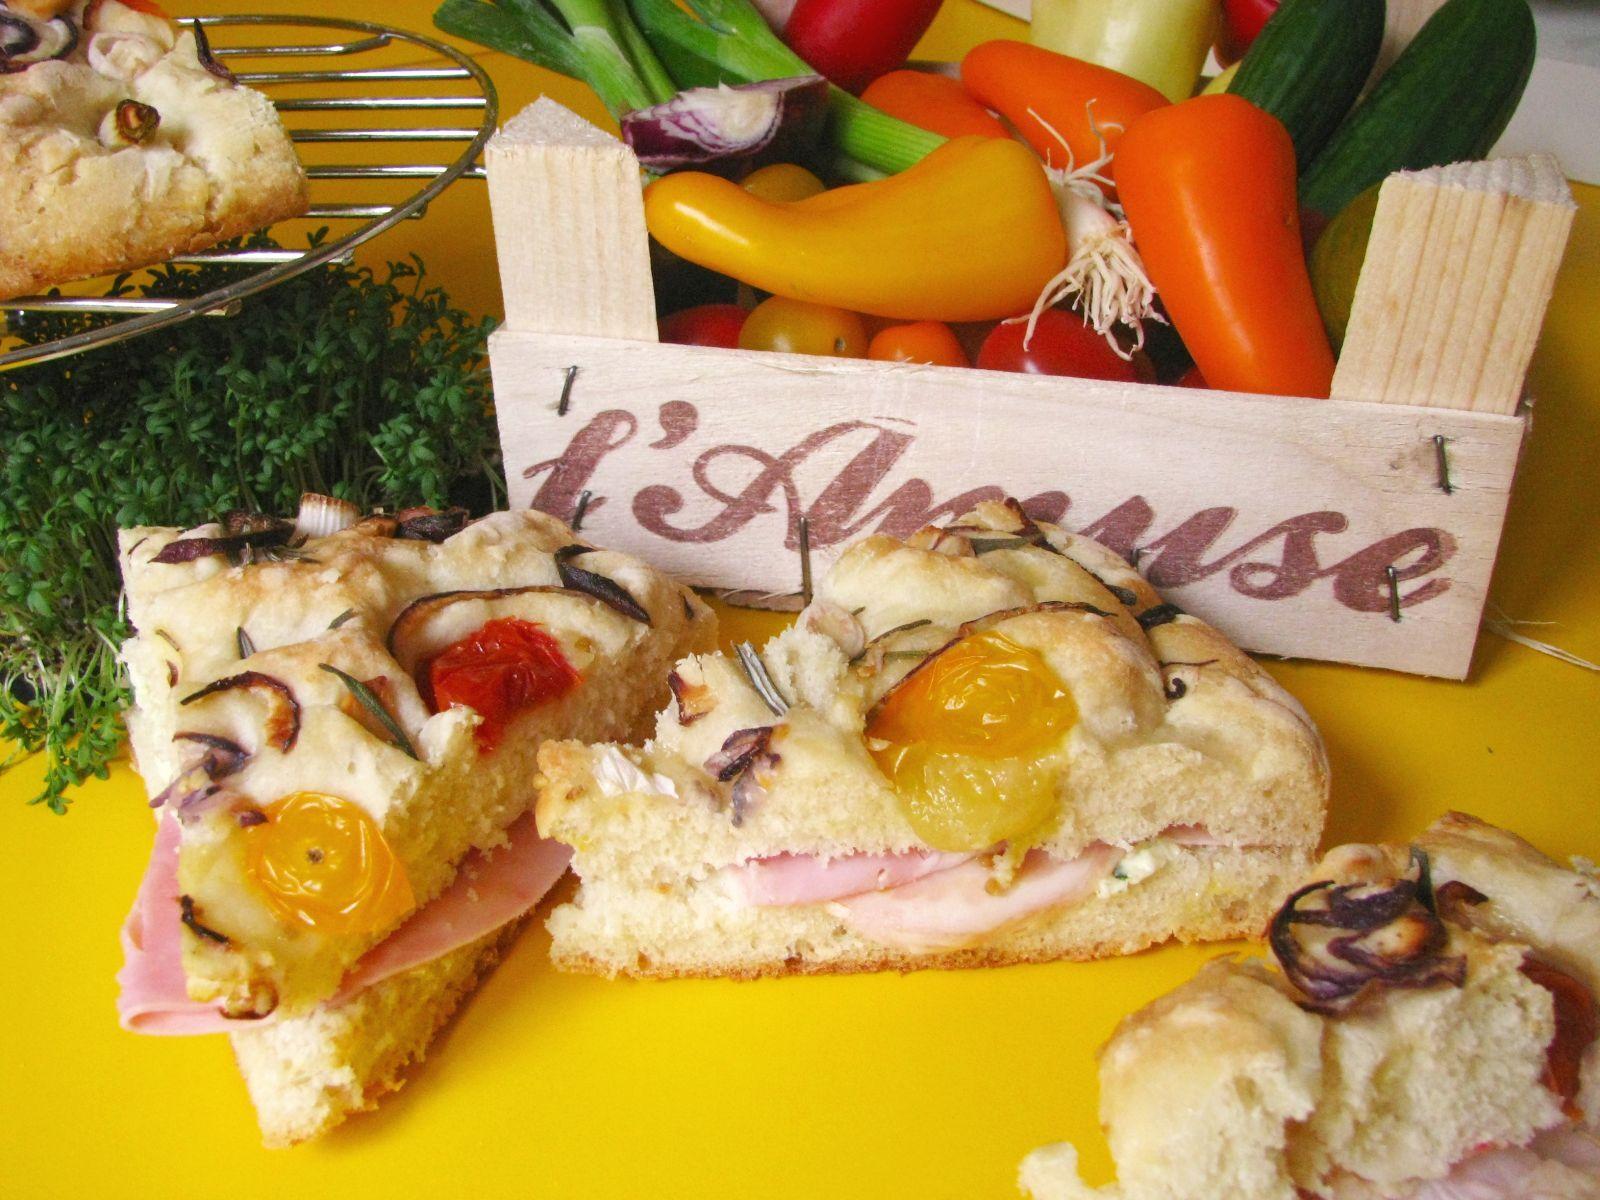 Taliansky obložený chlieb – focaccia zo zemiakoveho cesta